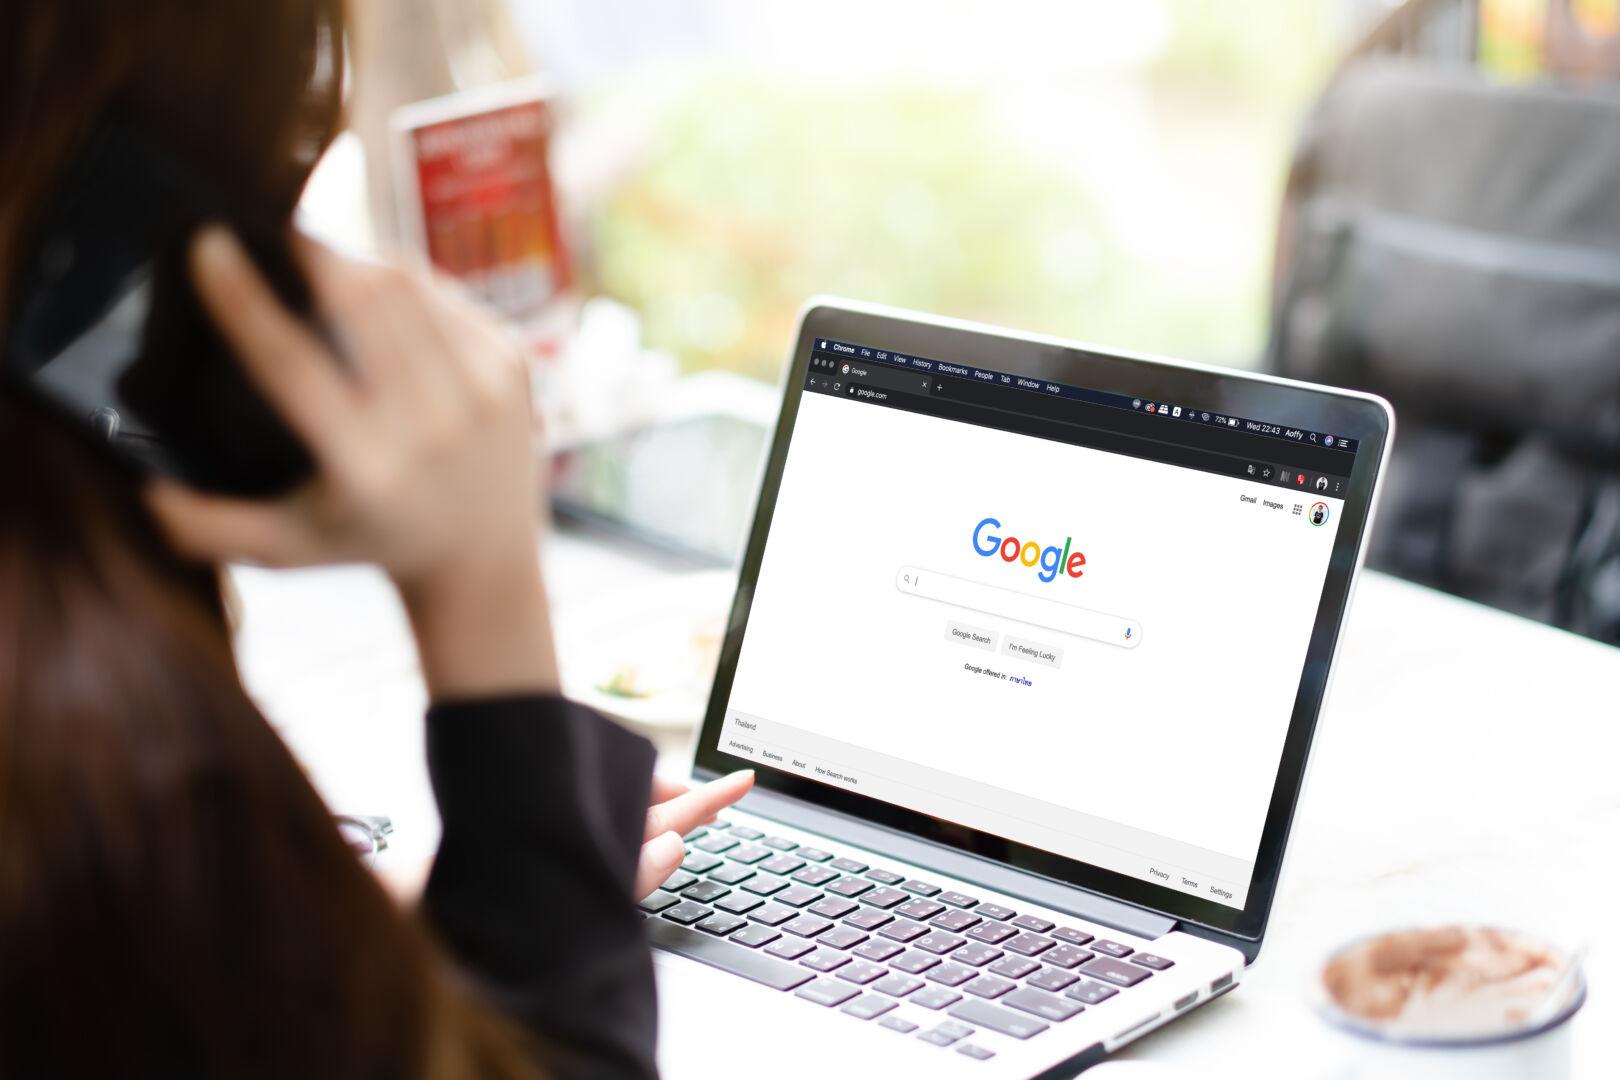 Piloter la visibilité en ligne de son agence : « c'est le moment de se lancer », Thibault Renouf, CEO de Partoo